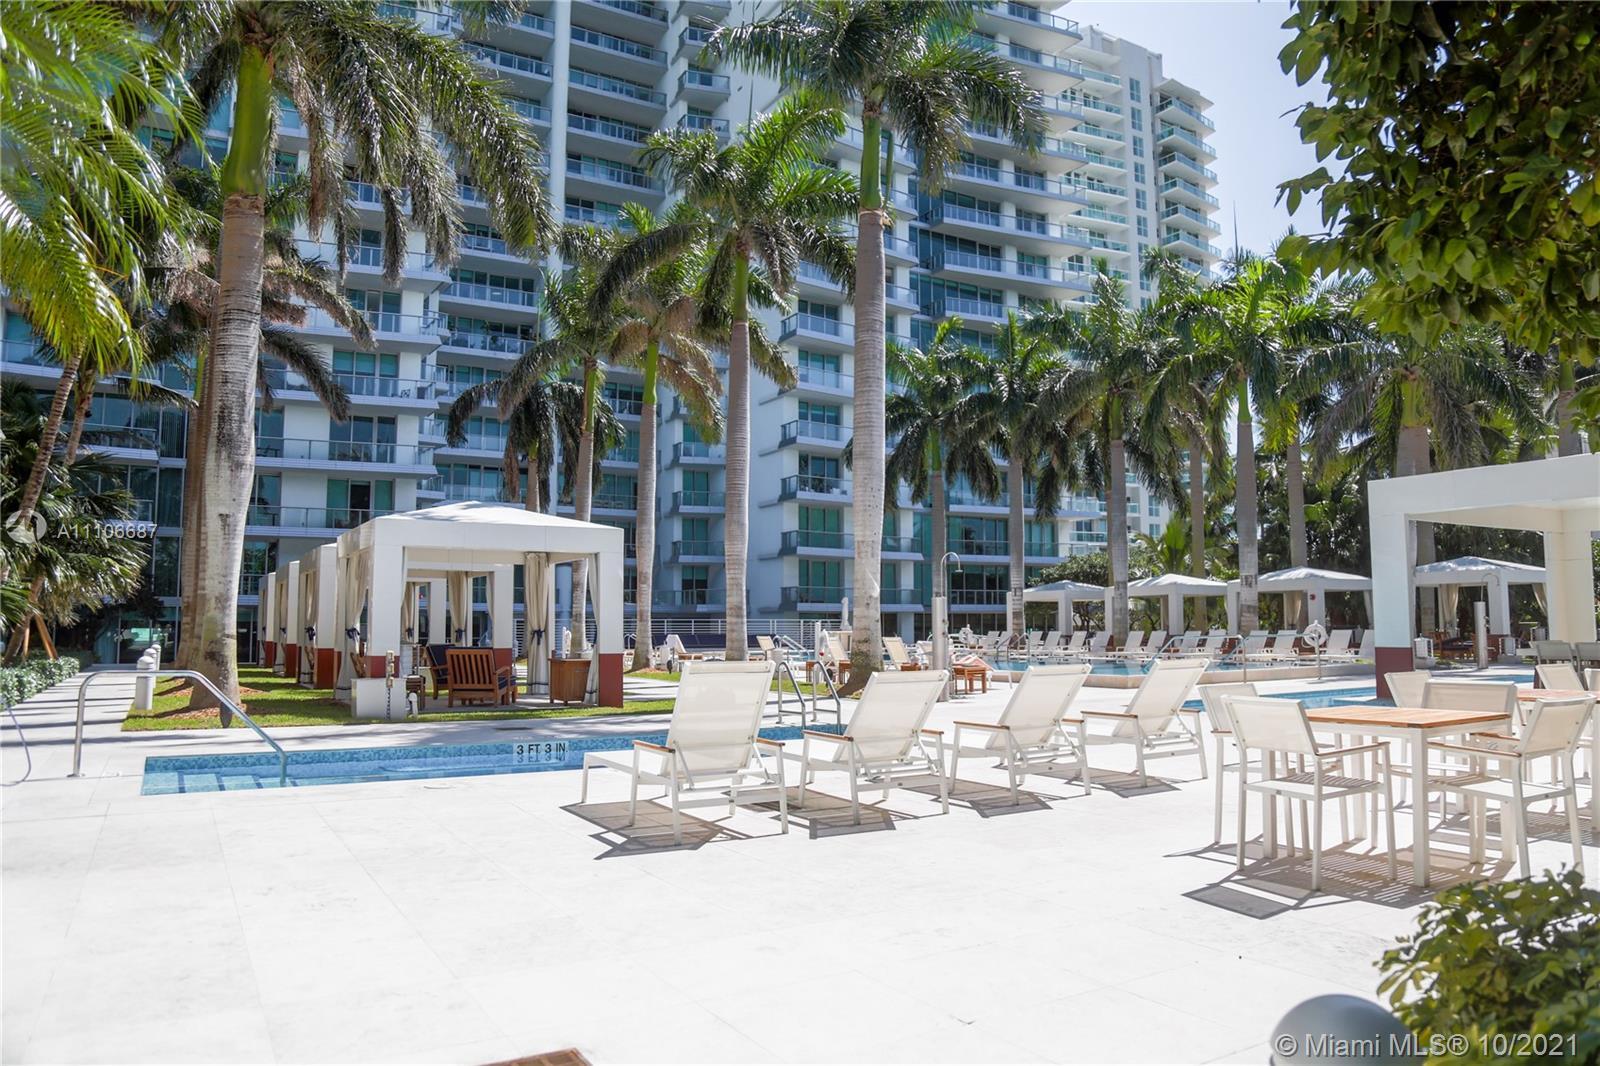 Grovenor House #906 - 2627 S Bayshore Dr #906, Miami, FL 33133